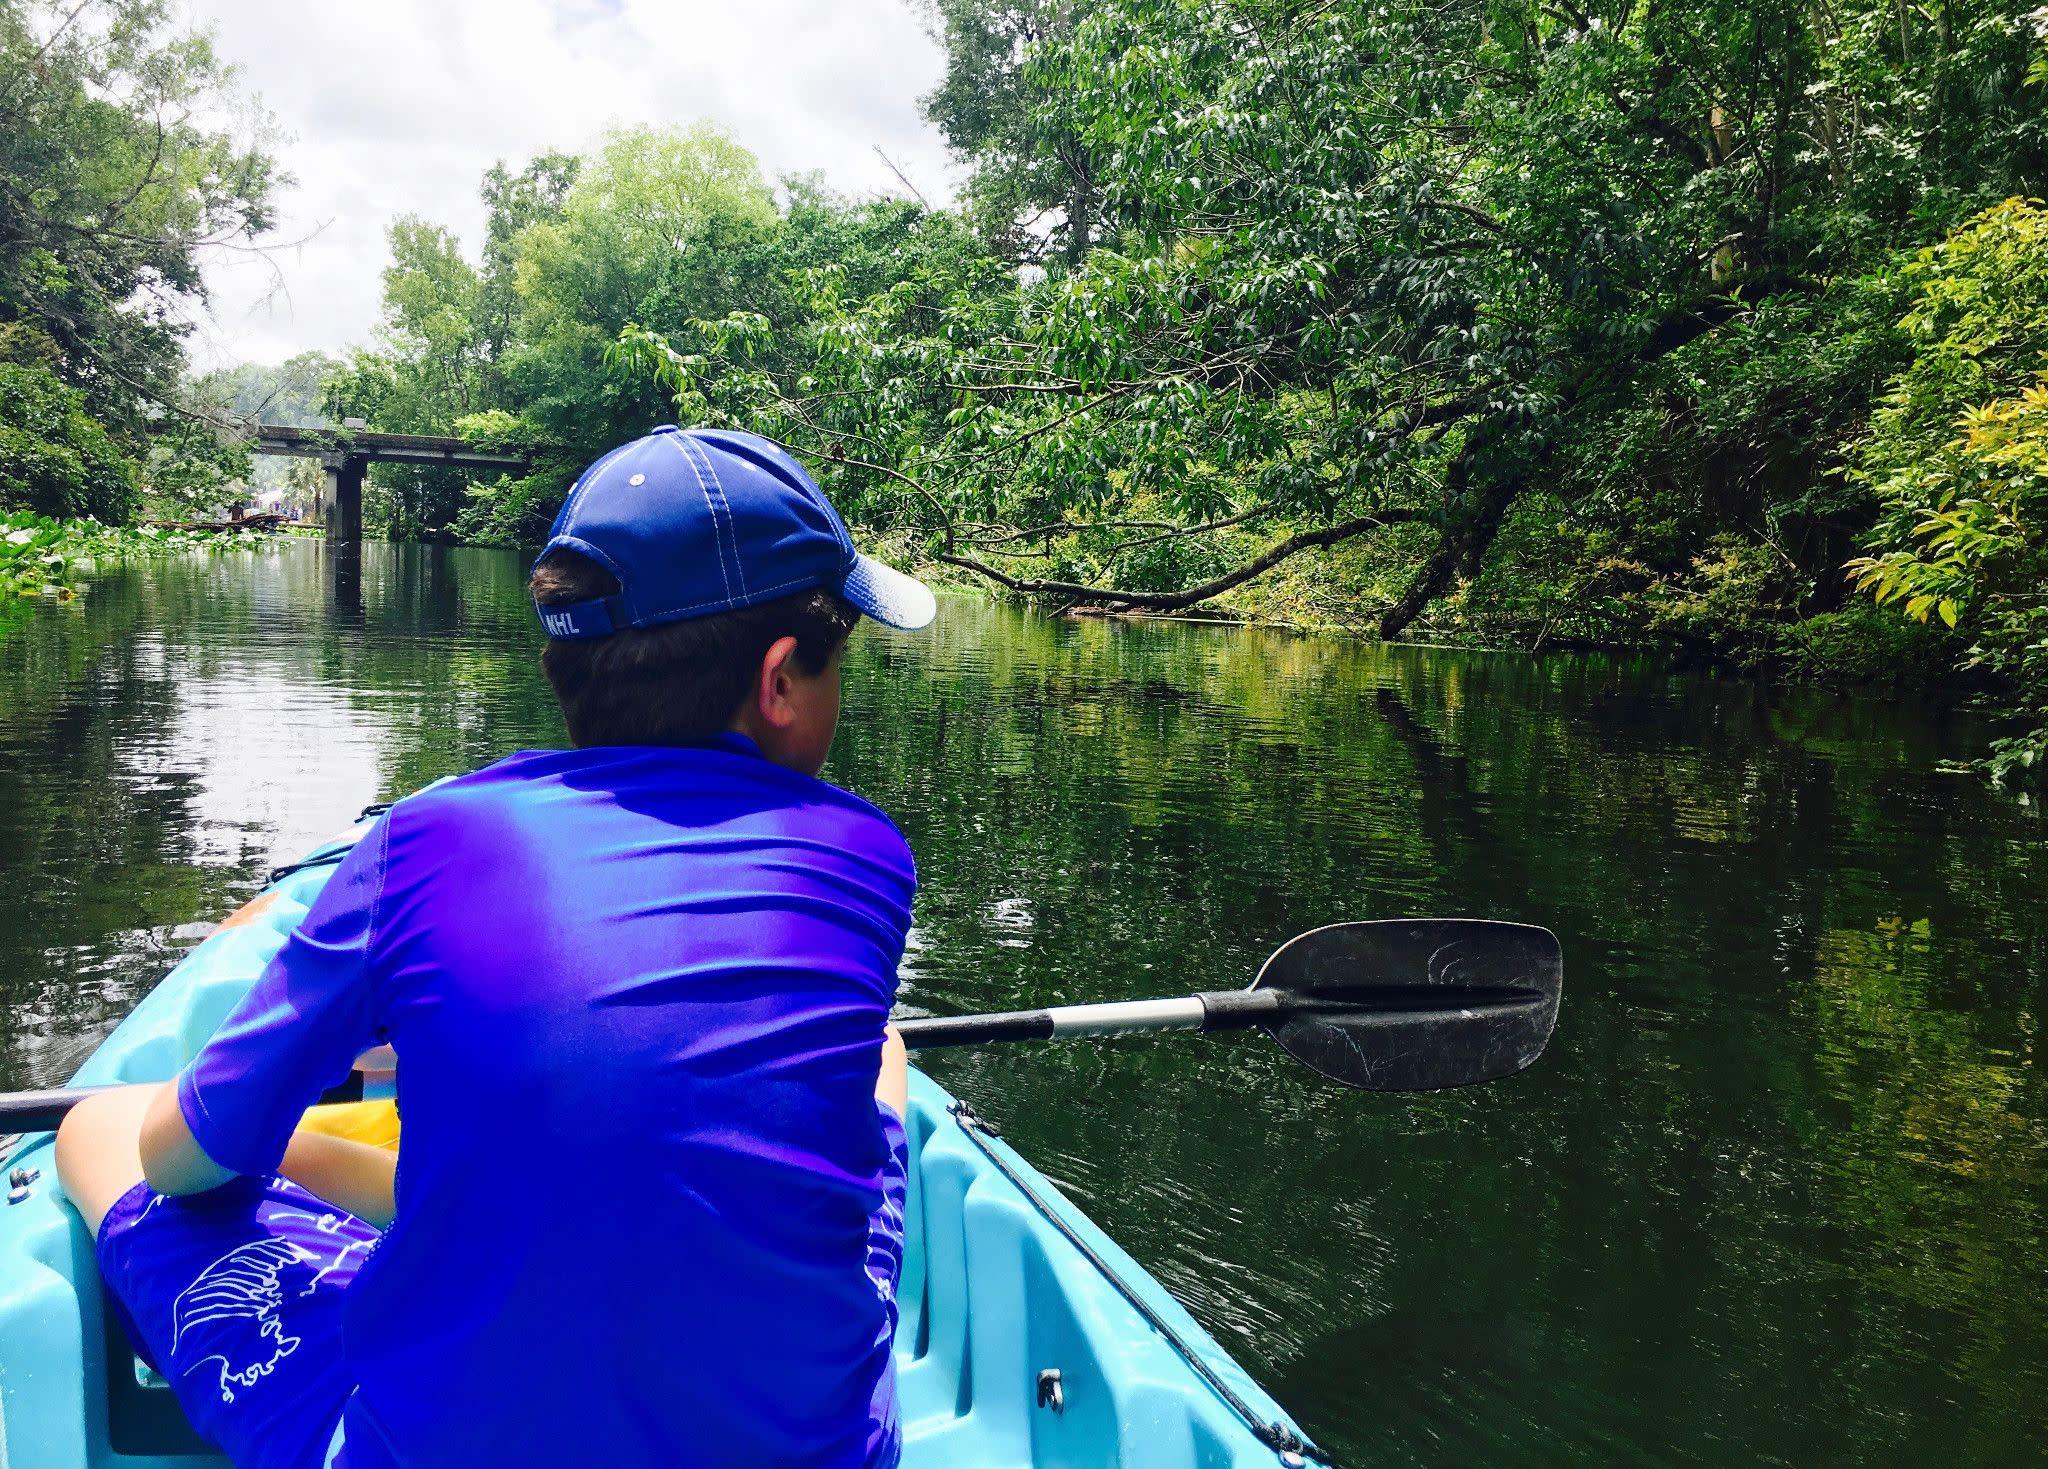 Kayaking on Wekiva Springs State Park